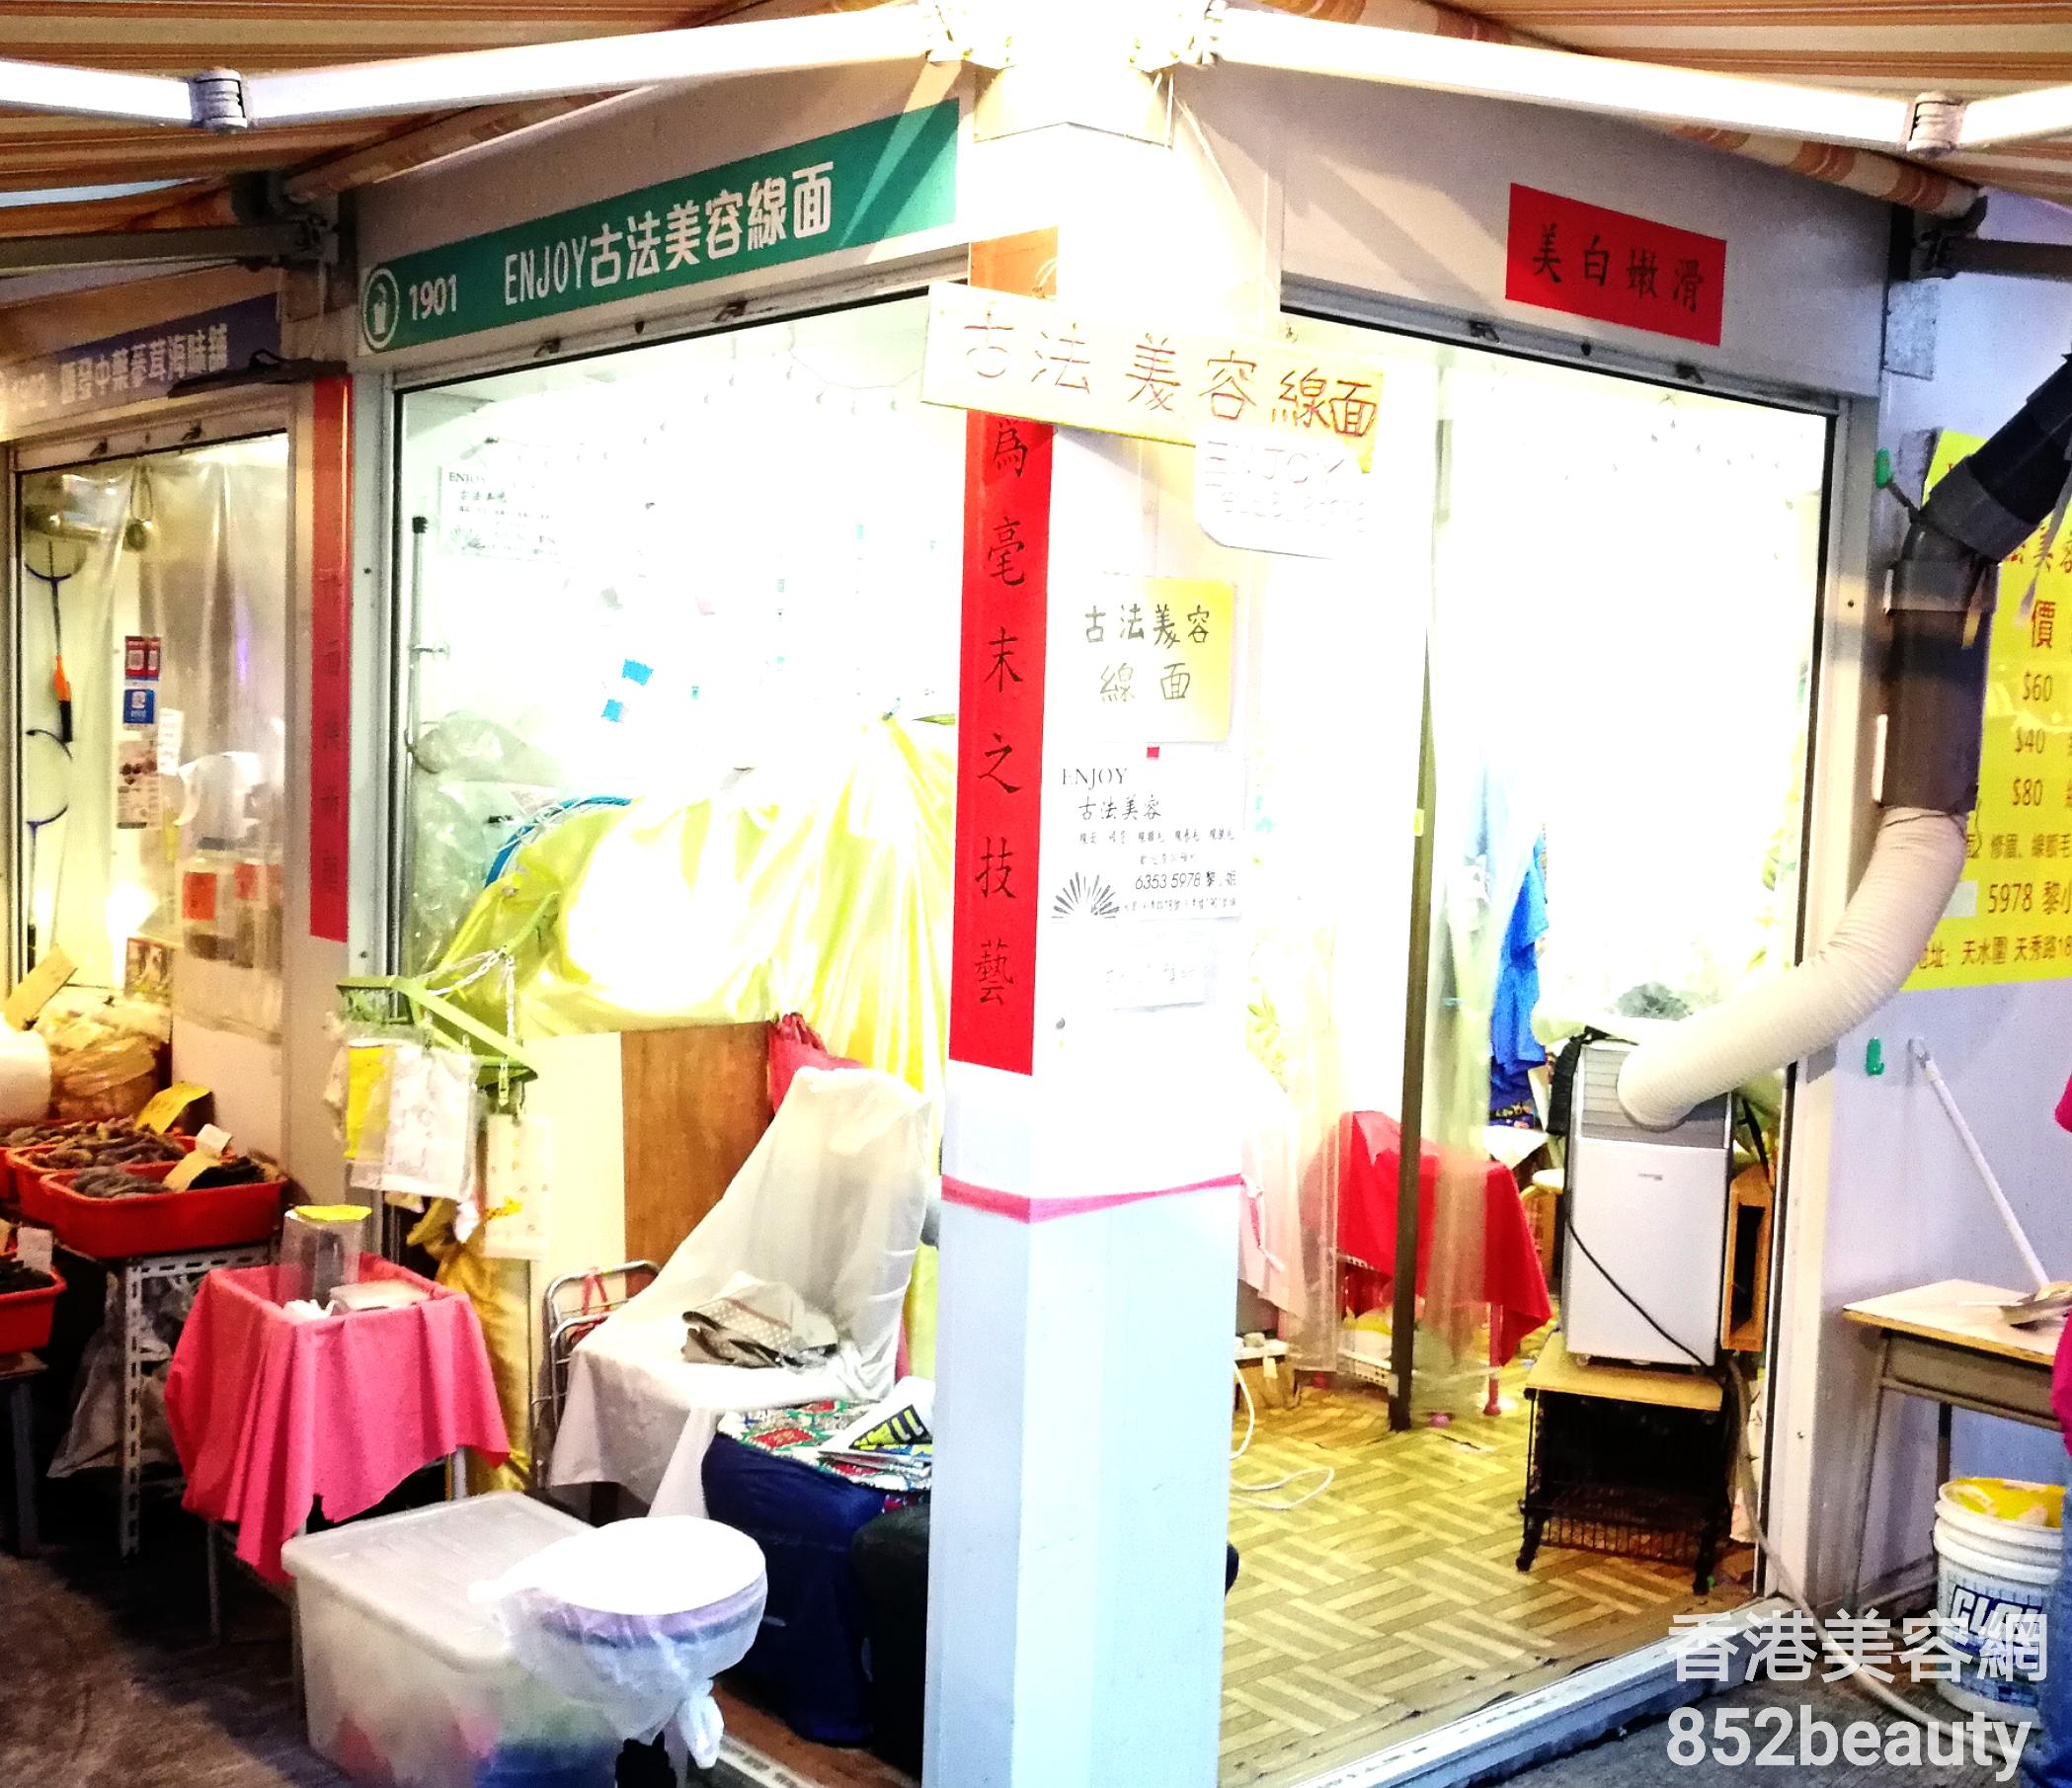 香港美容院 美容師 : ENJOY 古法美容線面 @青年創業軍